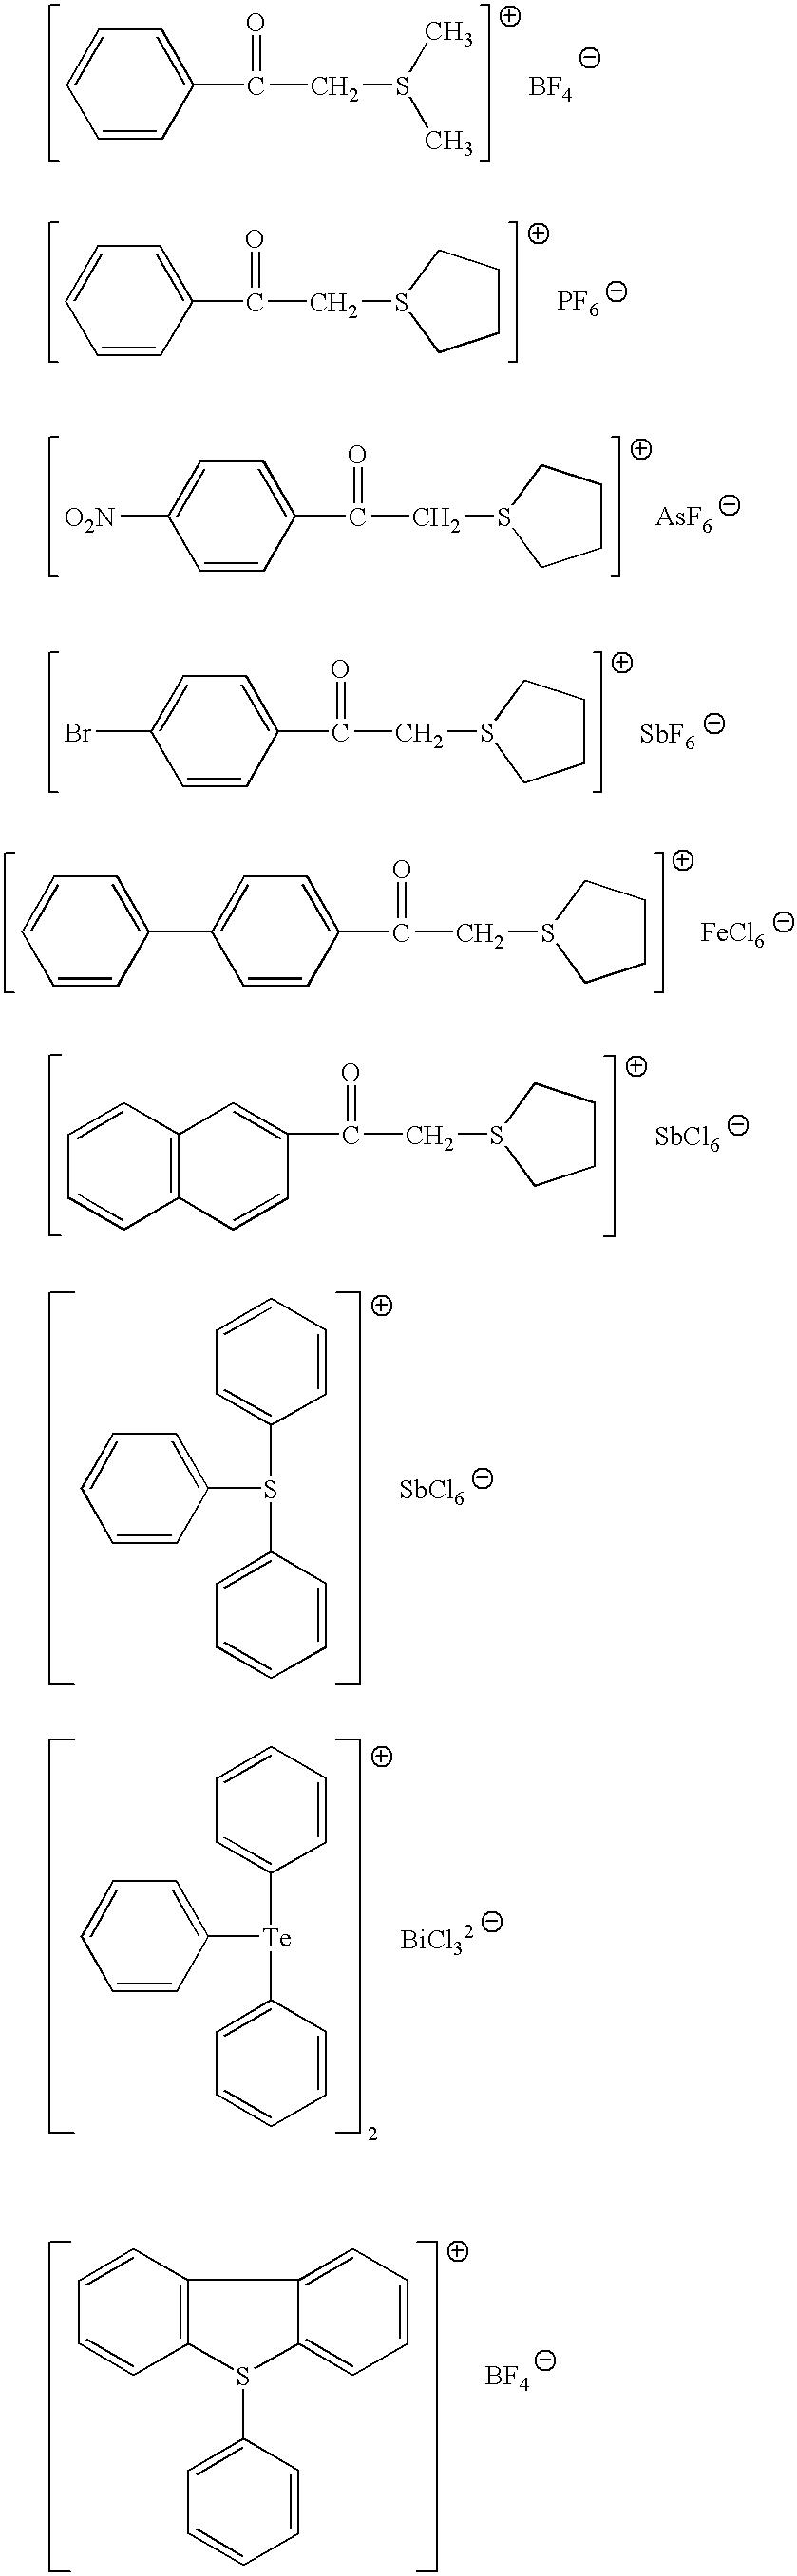 Figure US07435529-20081014-C00019